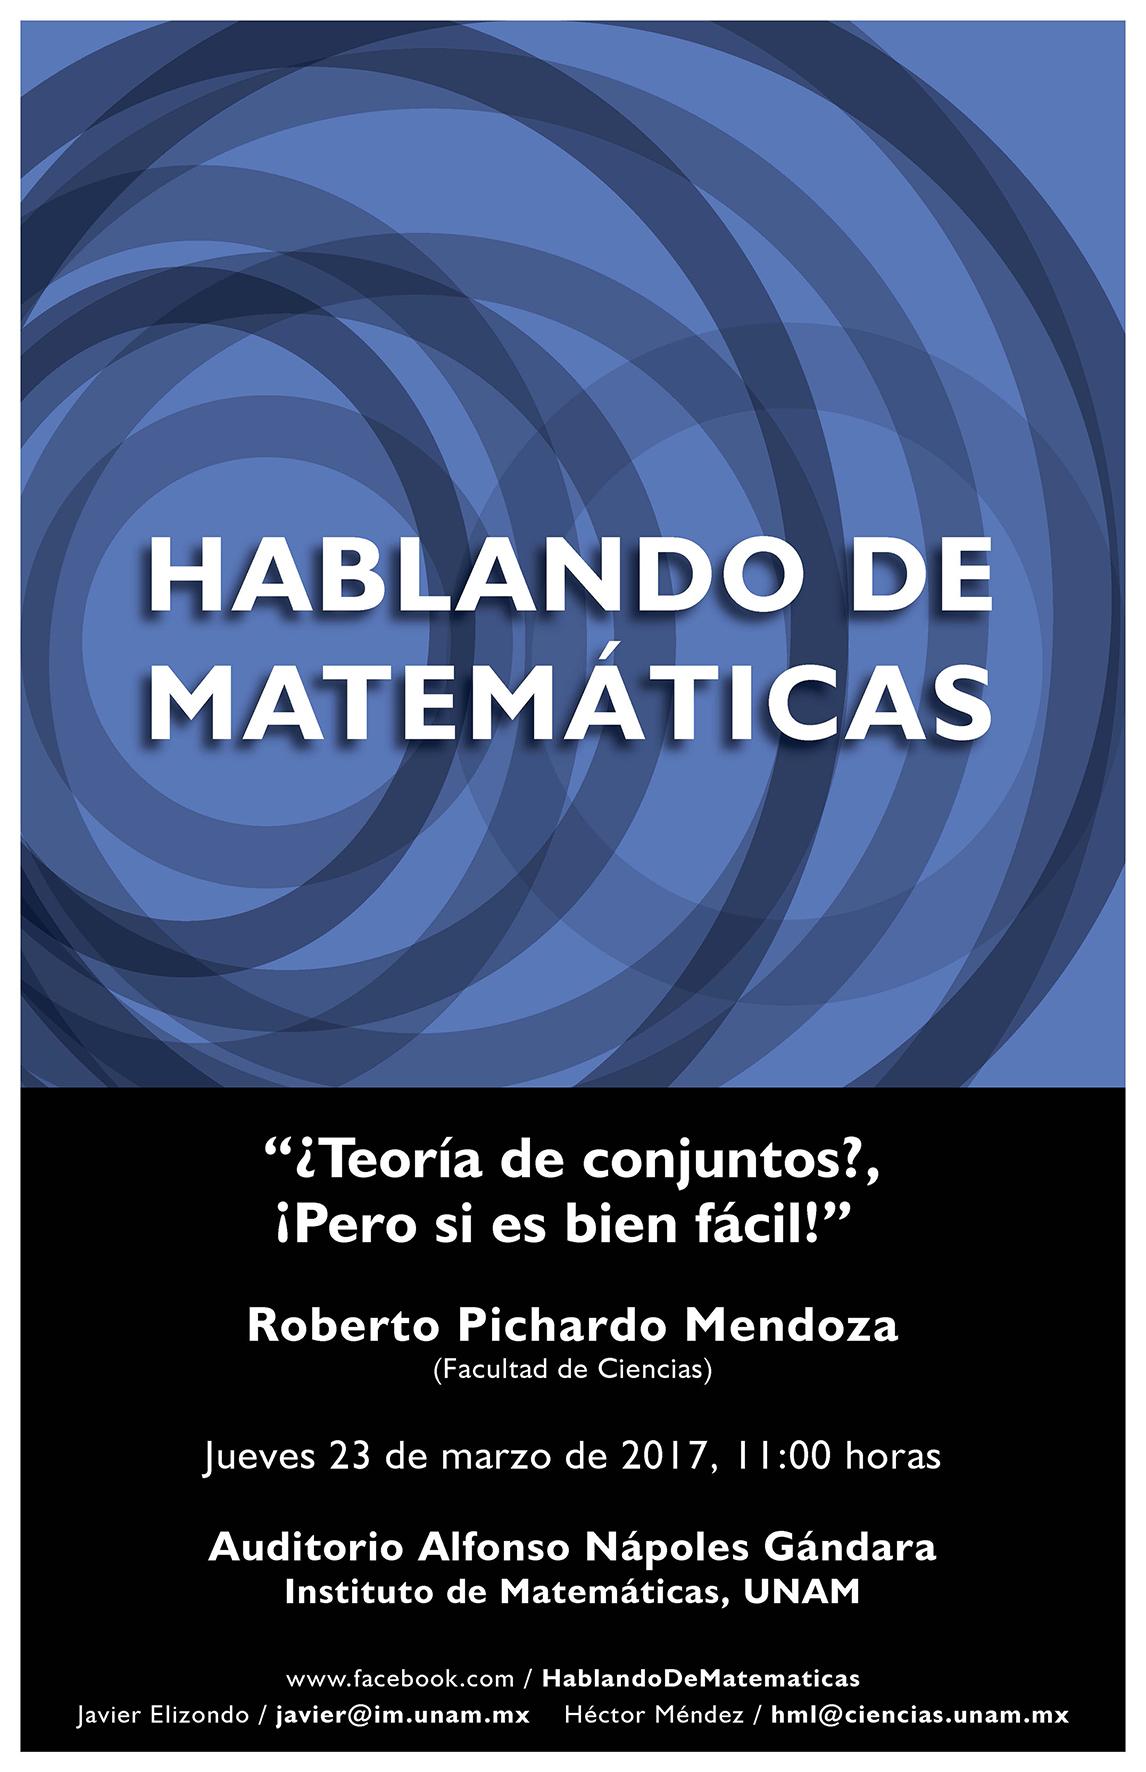 HABLANDO DE MATEMÁTICAS: Roberto Pichardo, Facultad de Ciencias, UNAM